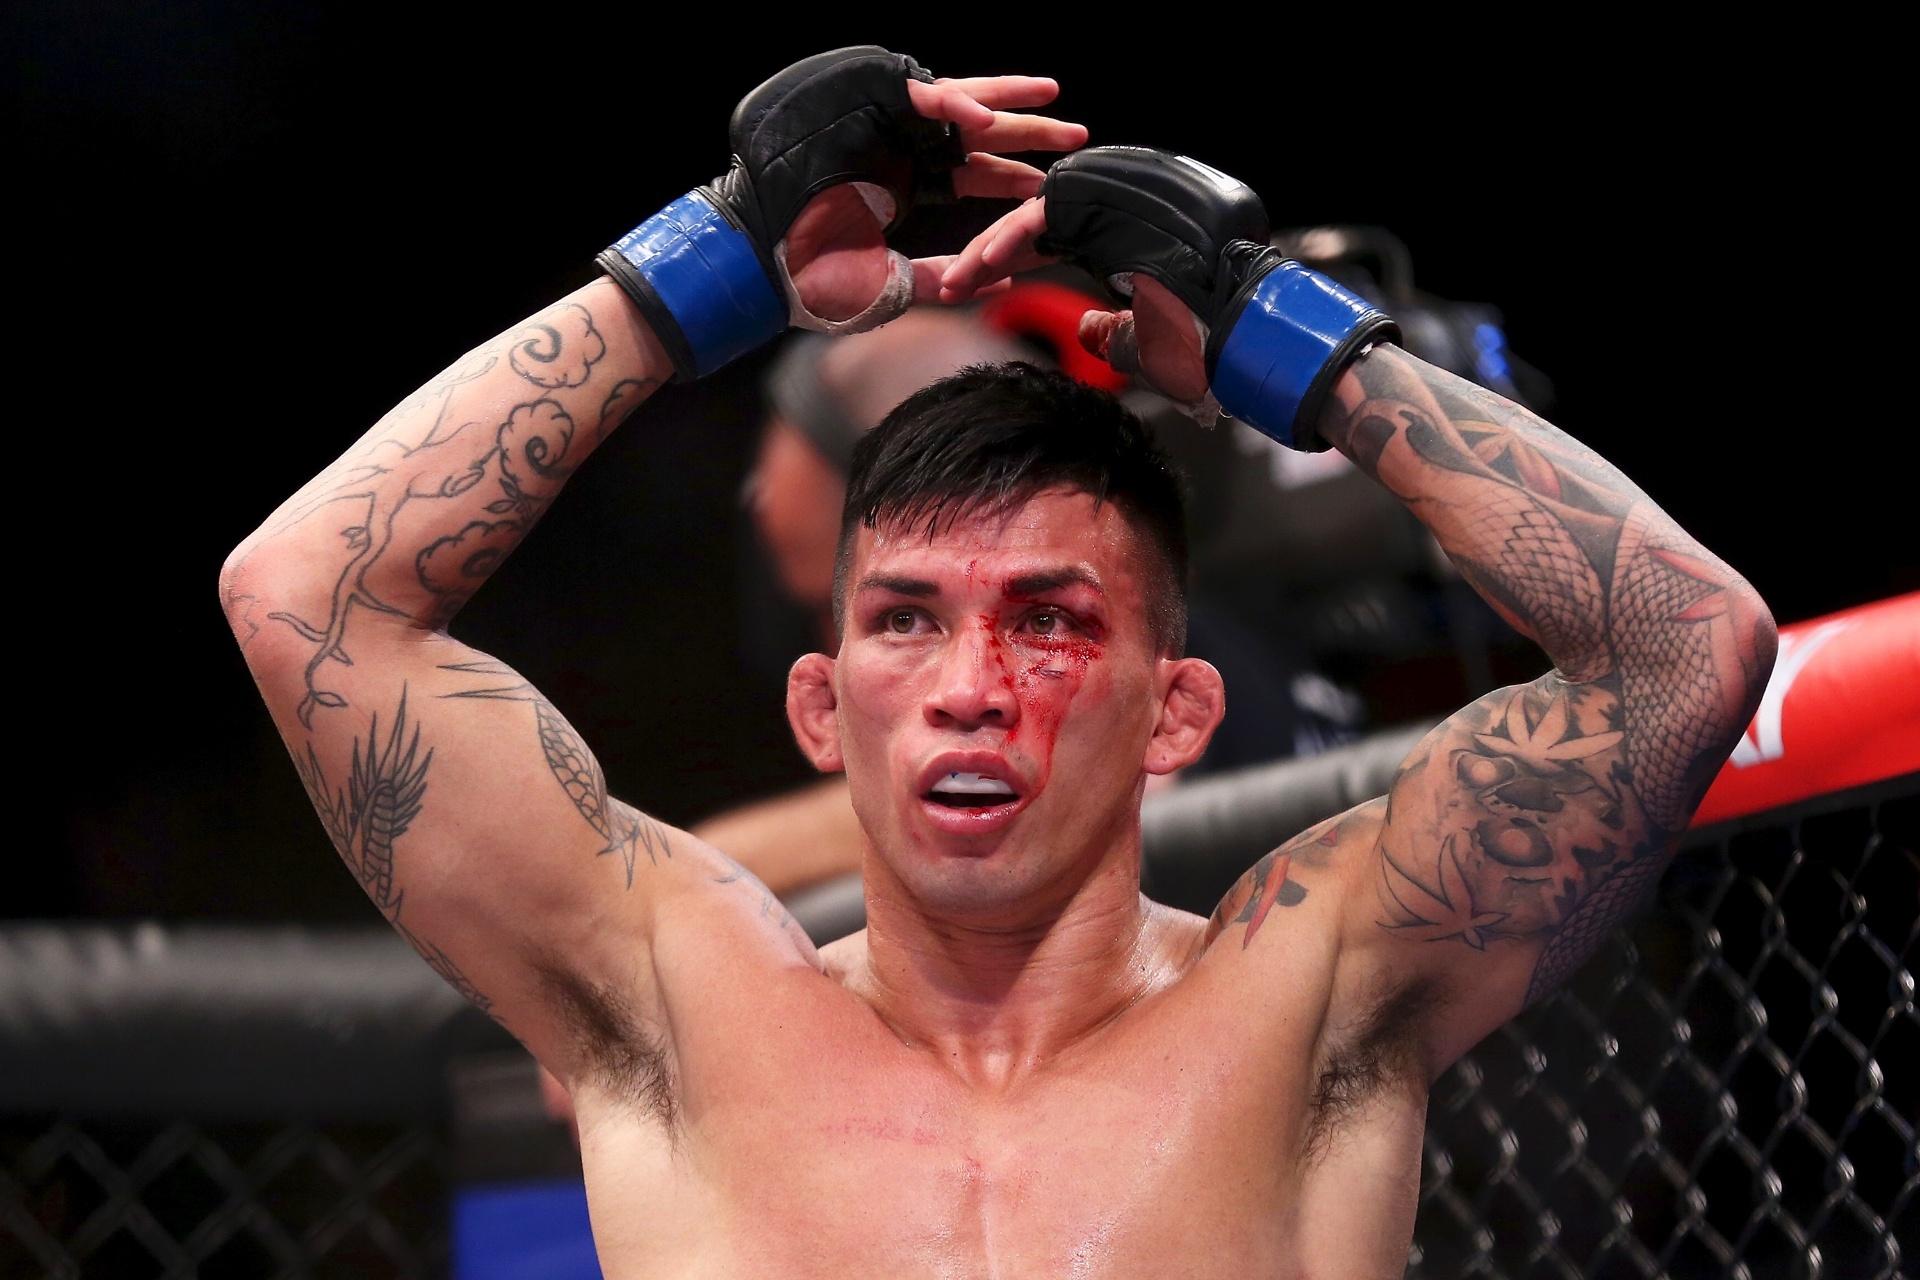 Russell Doane ergue os braços após perder no UFC Brasília por decisão unânime dos jurados